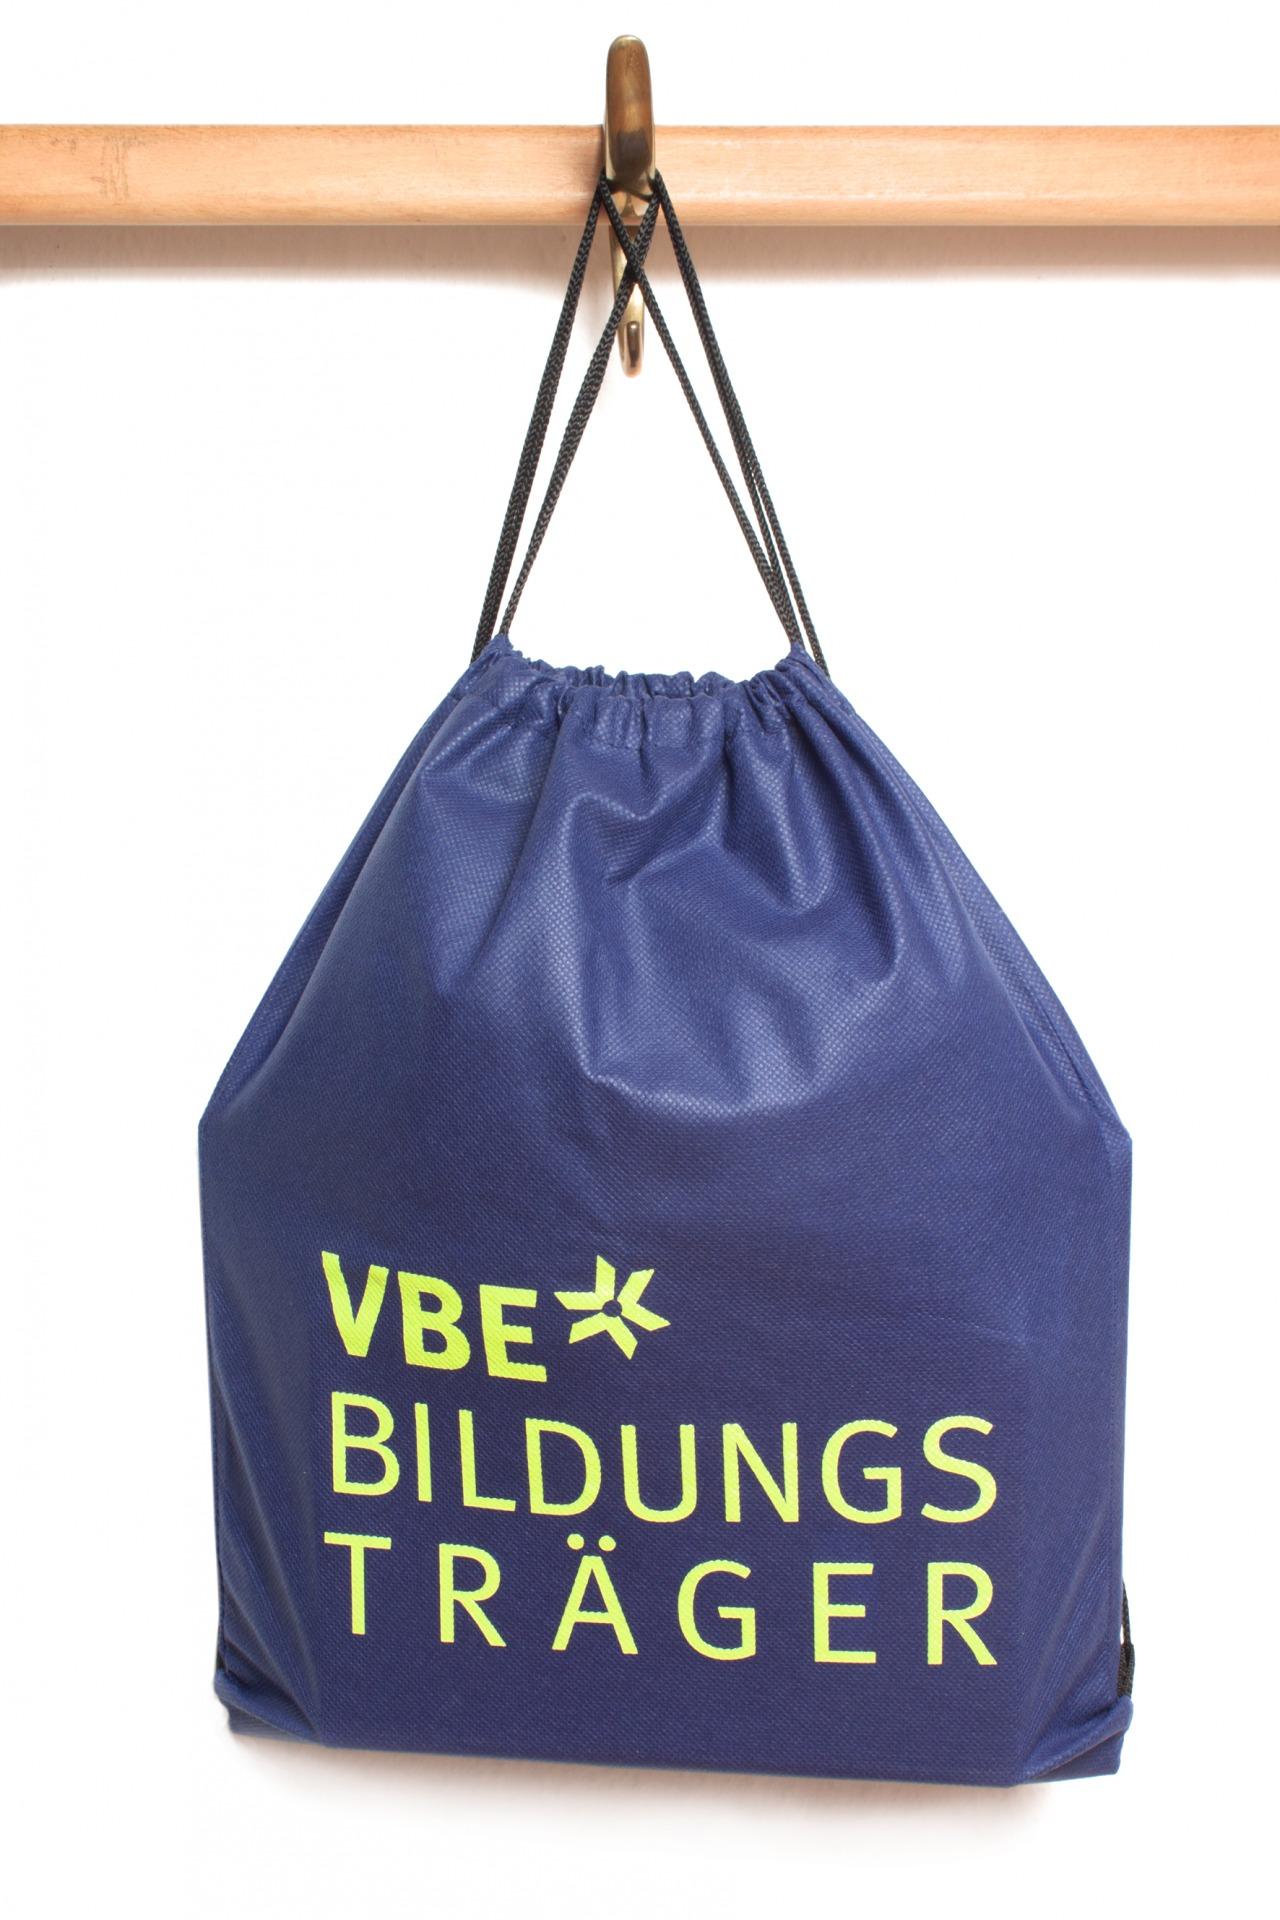 Rucksack mit Slogan bedruckt - Merchandizing - Typoly